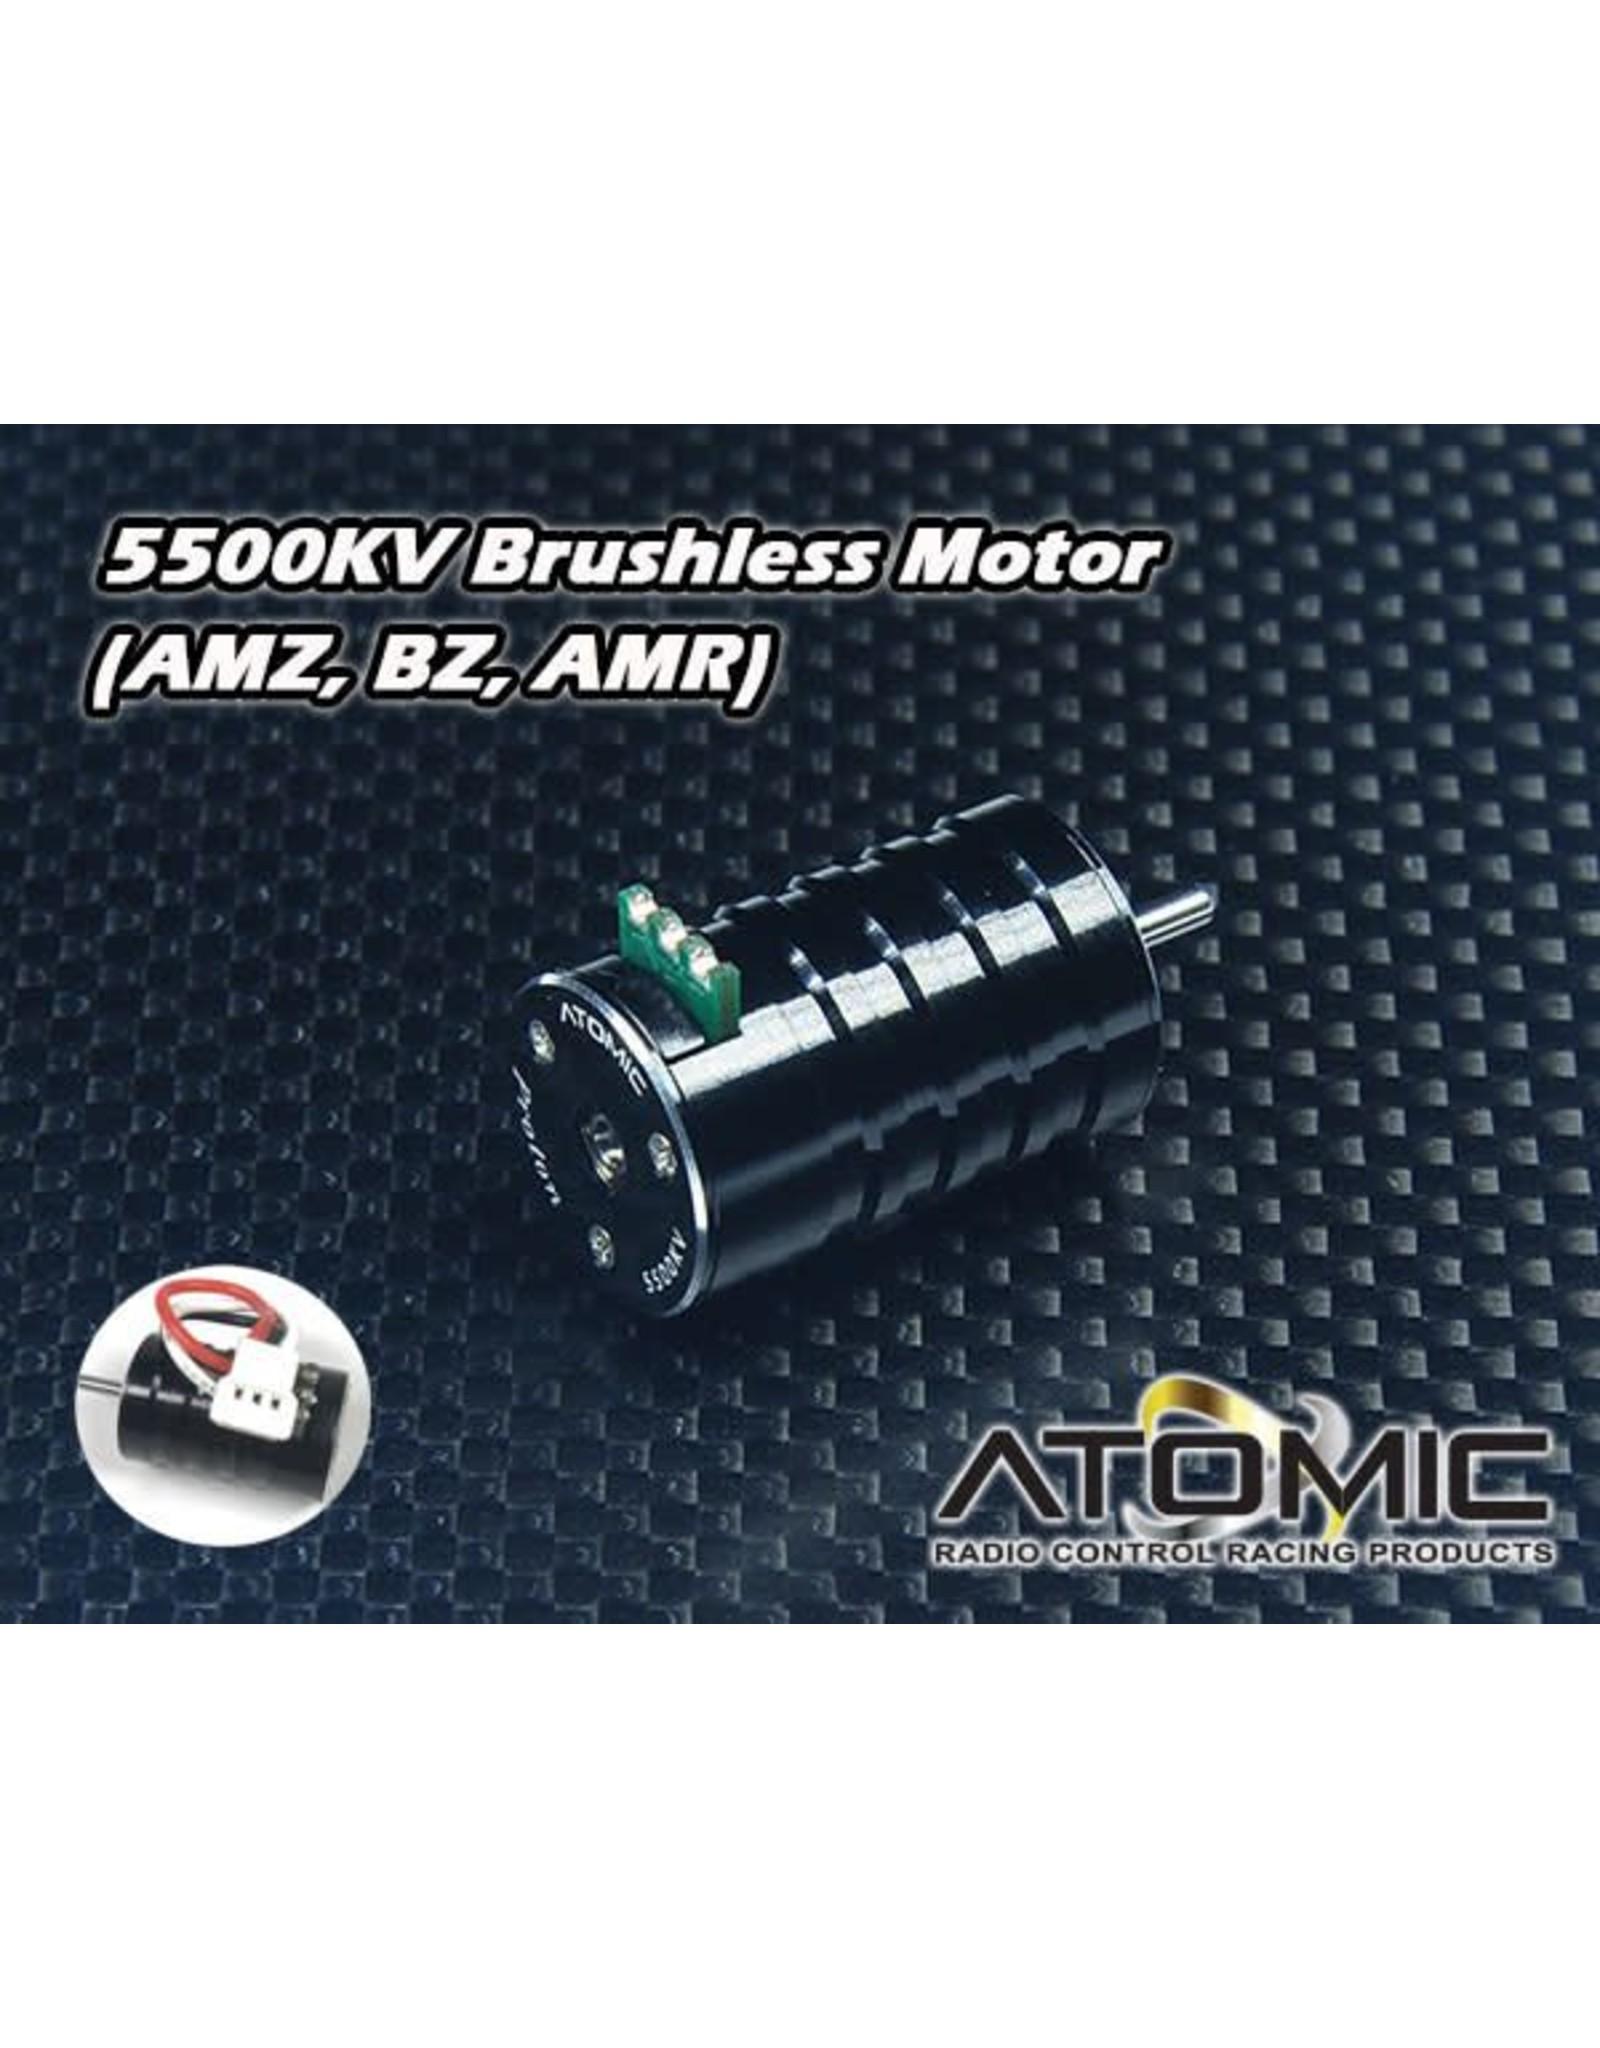 Atomic Brushless Motor (5500KV) (MO-043)